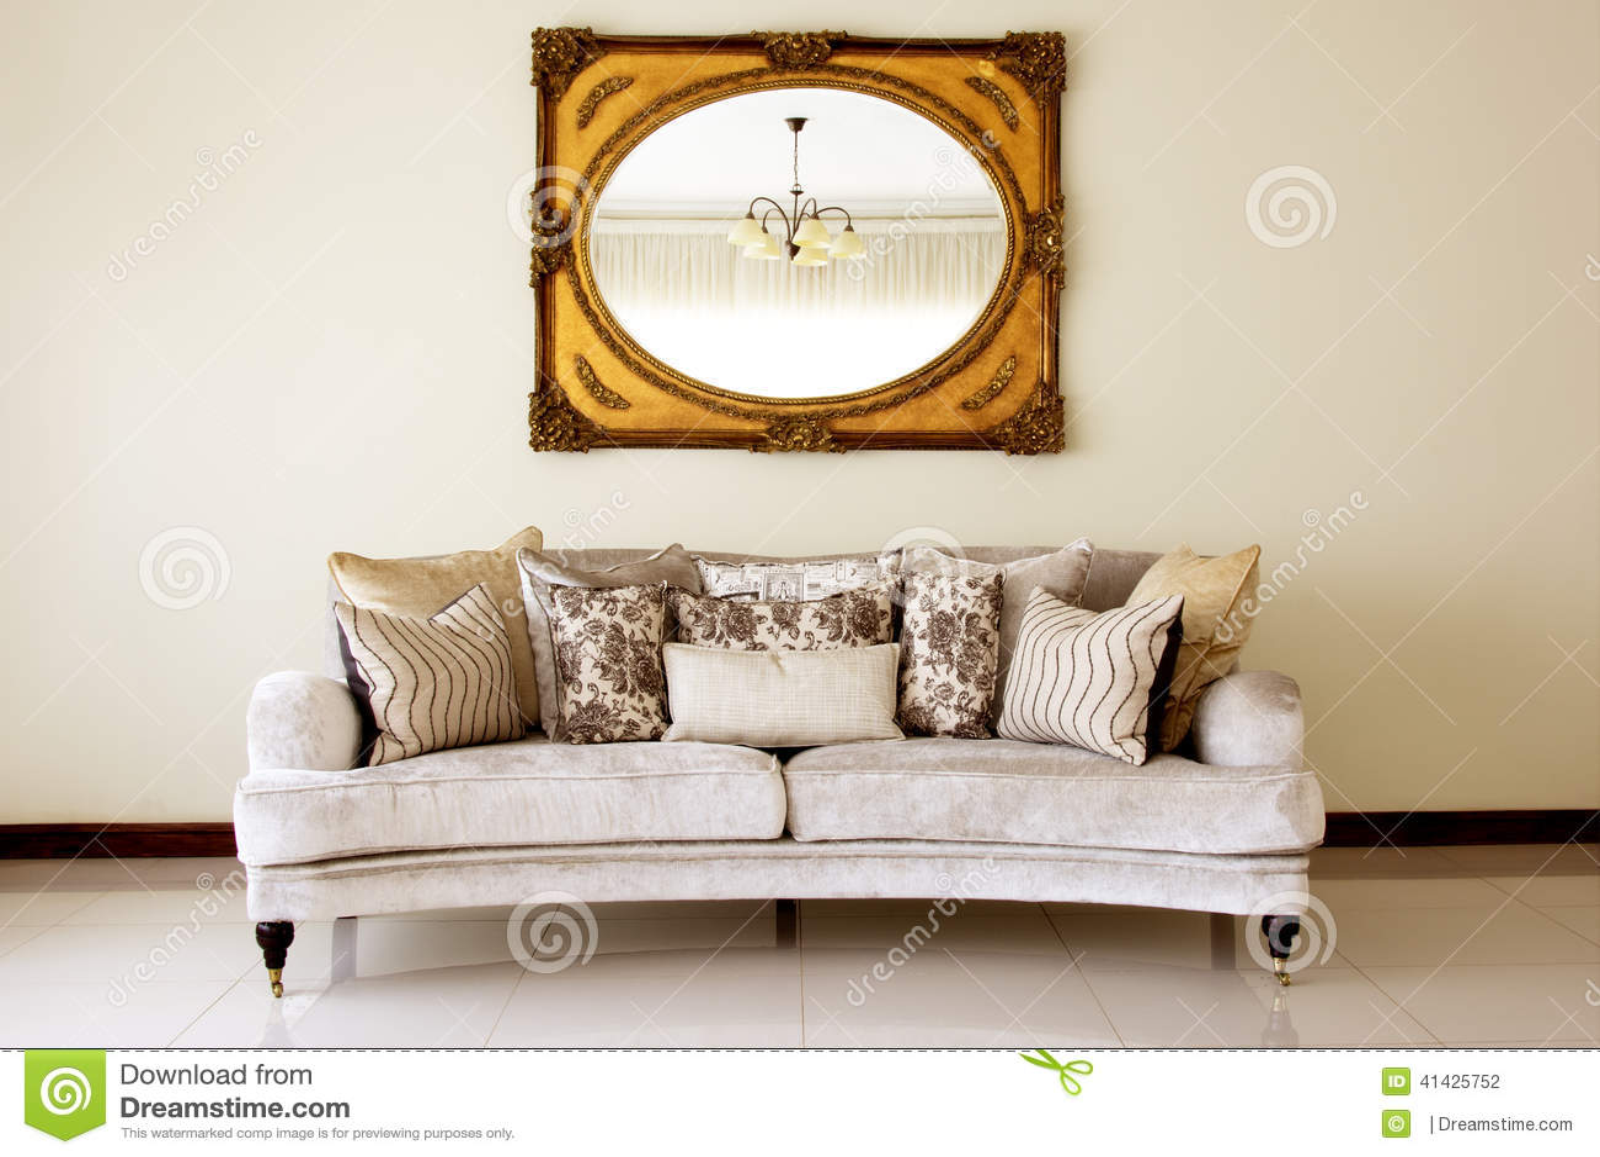 Кресло с зеркалом